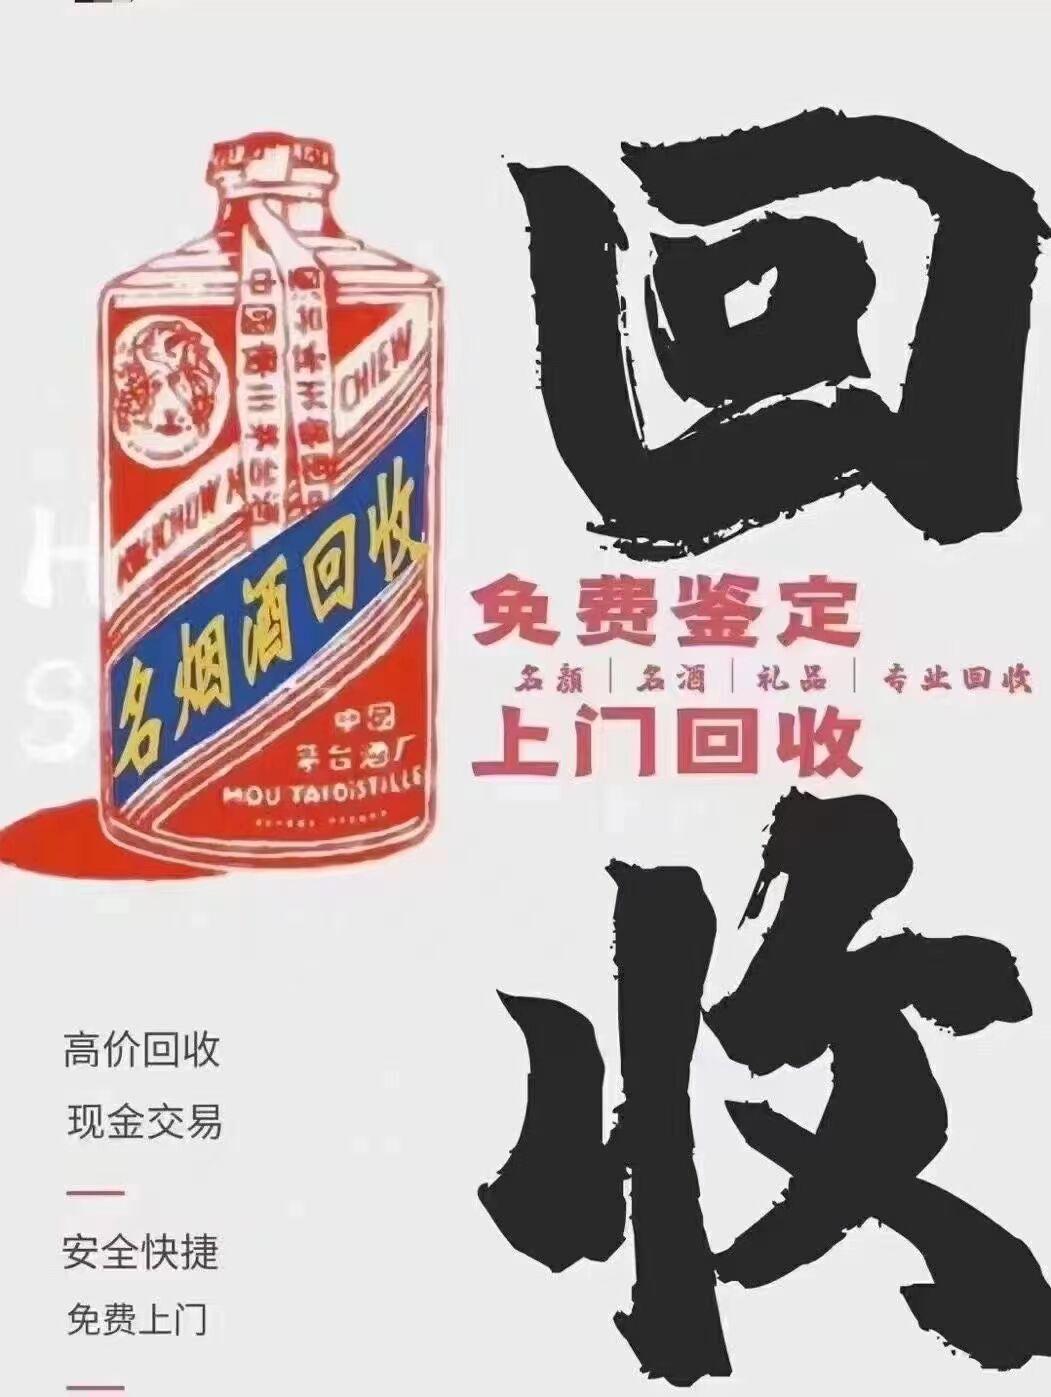 宁夏银川1992年茅台酒哪里有回收茅台酒的